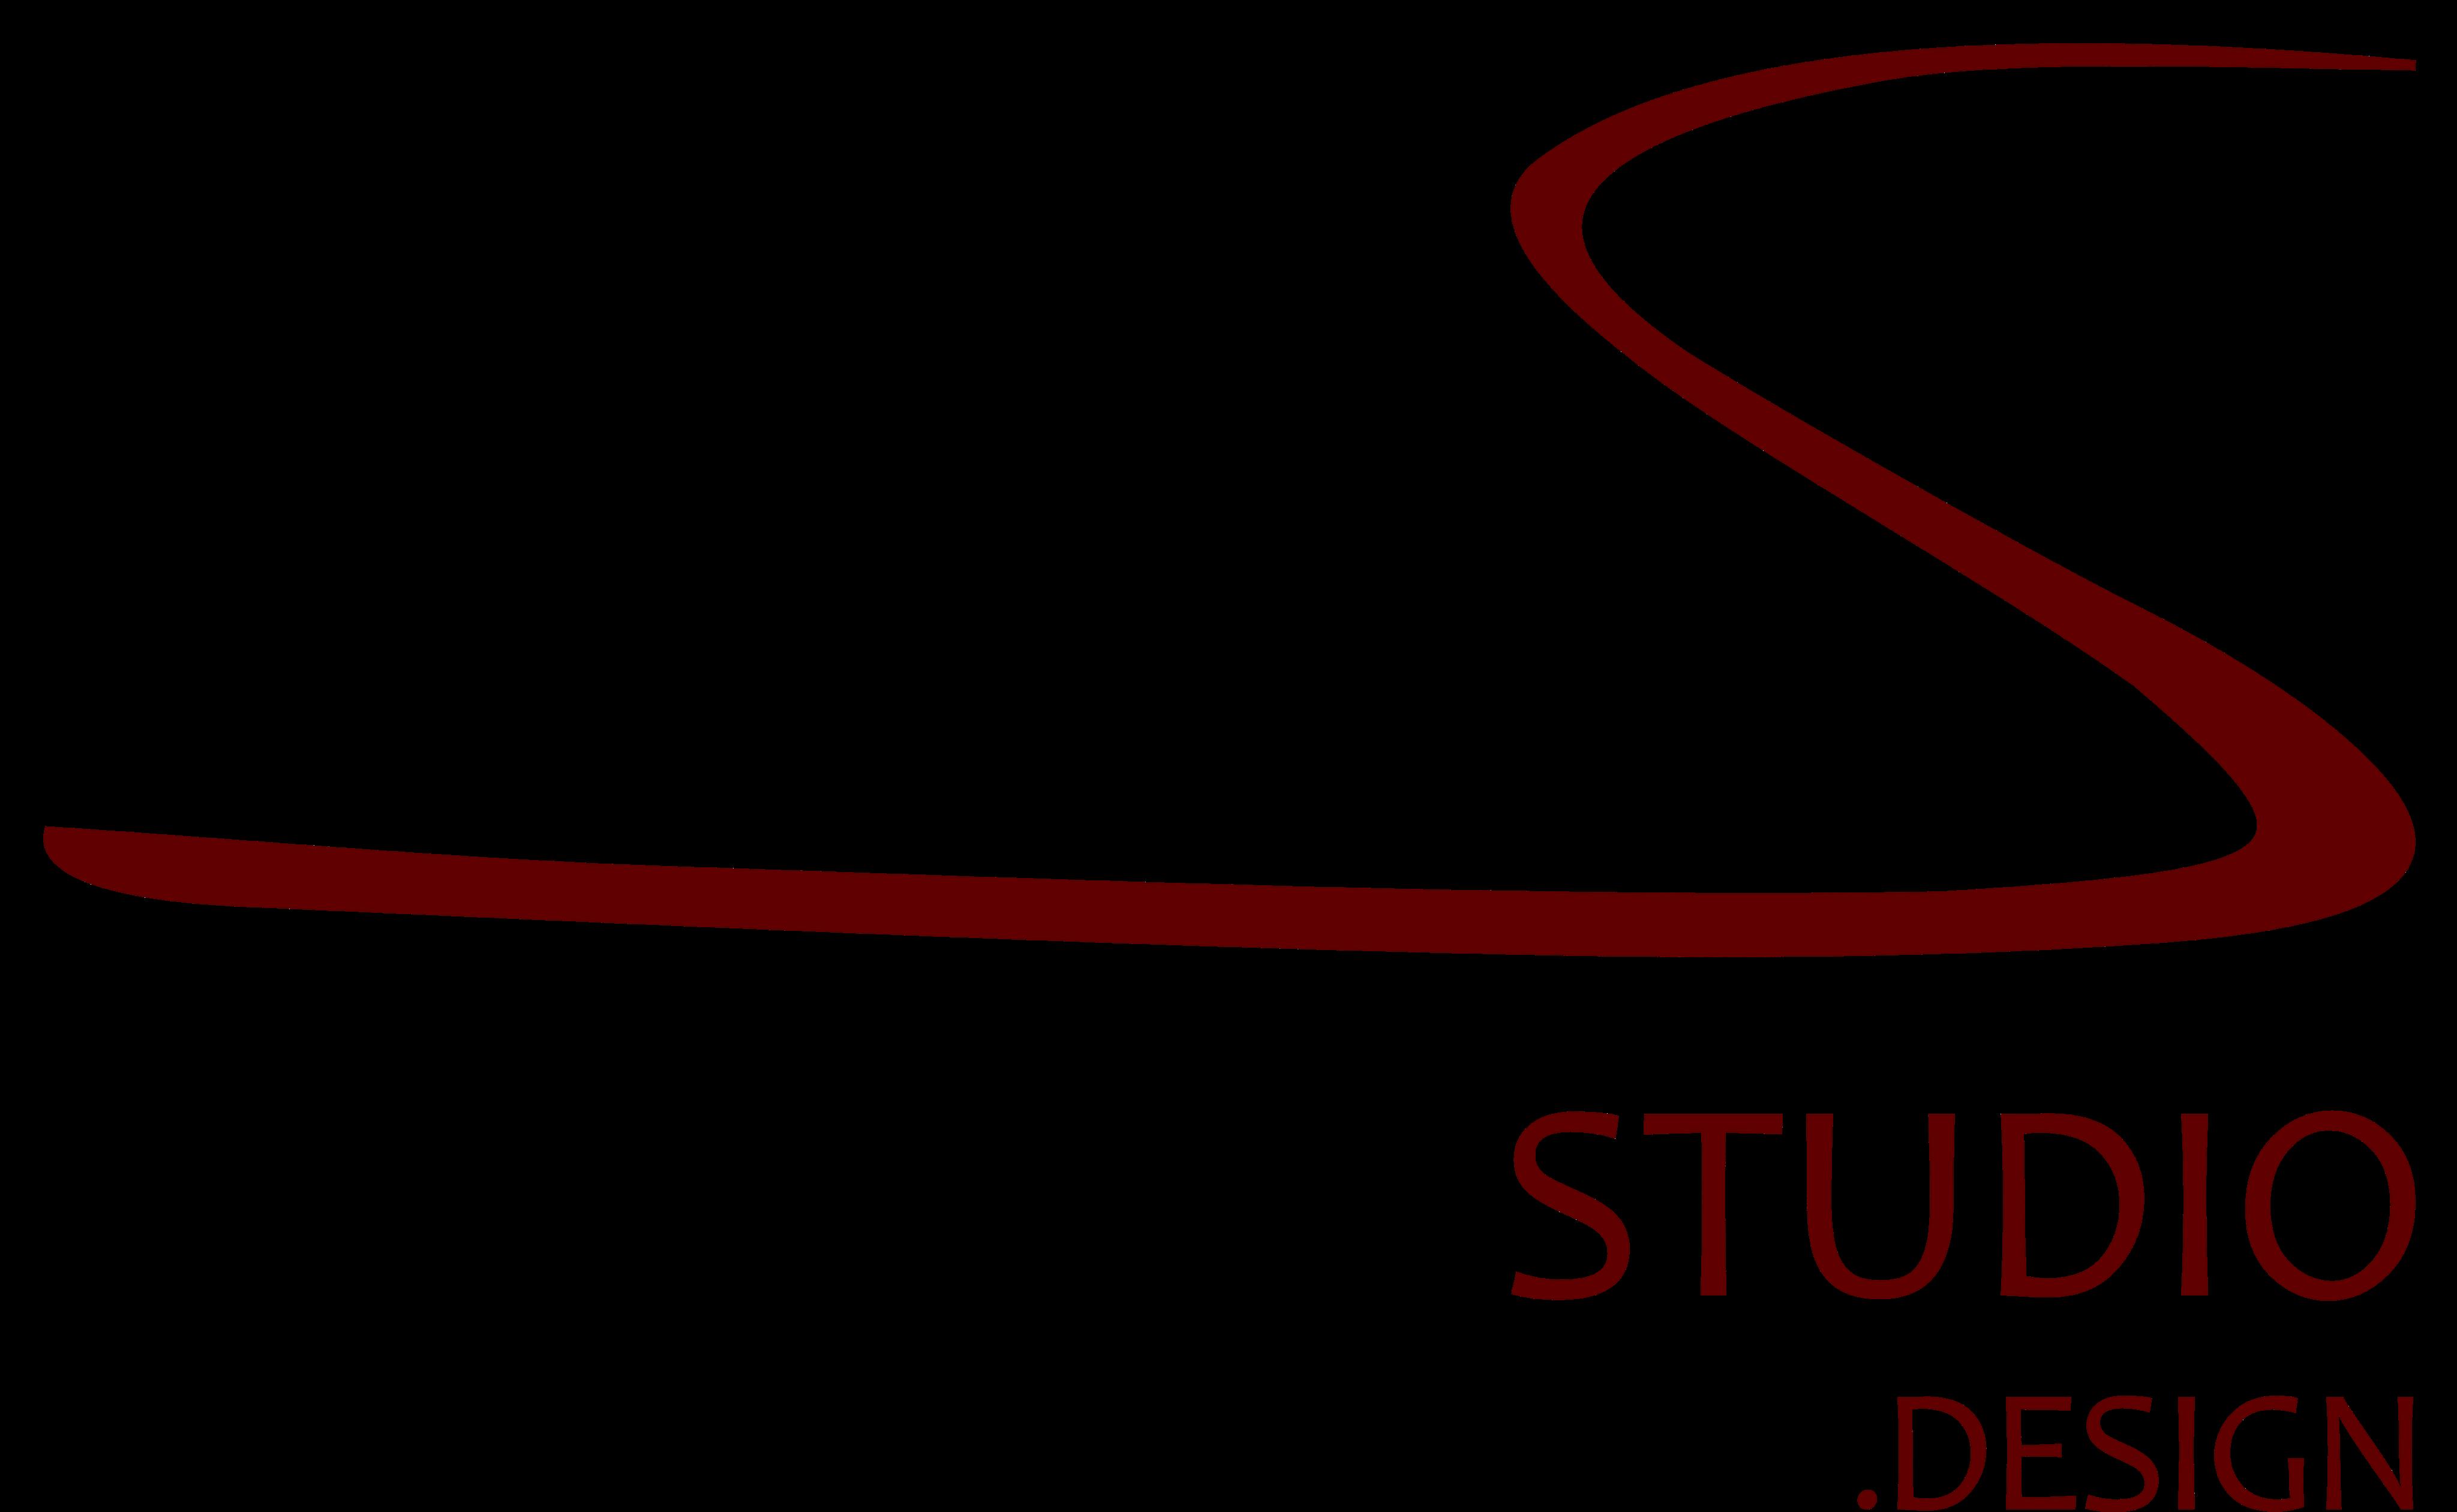 S Studio